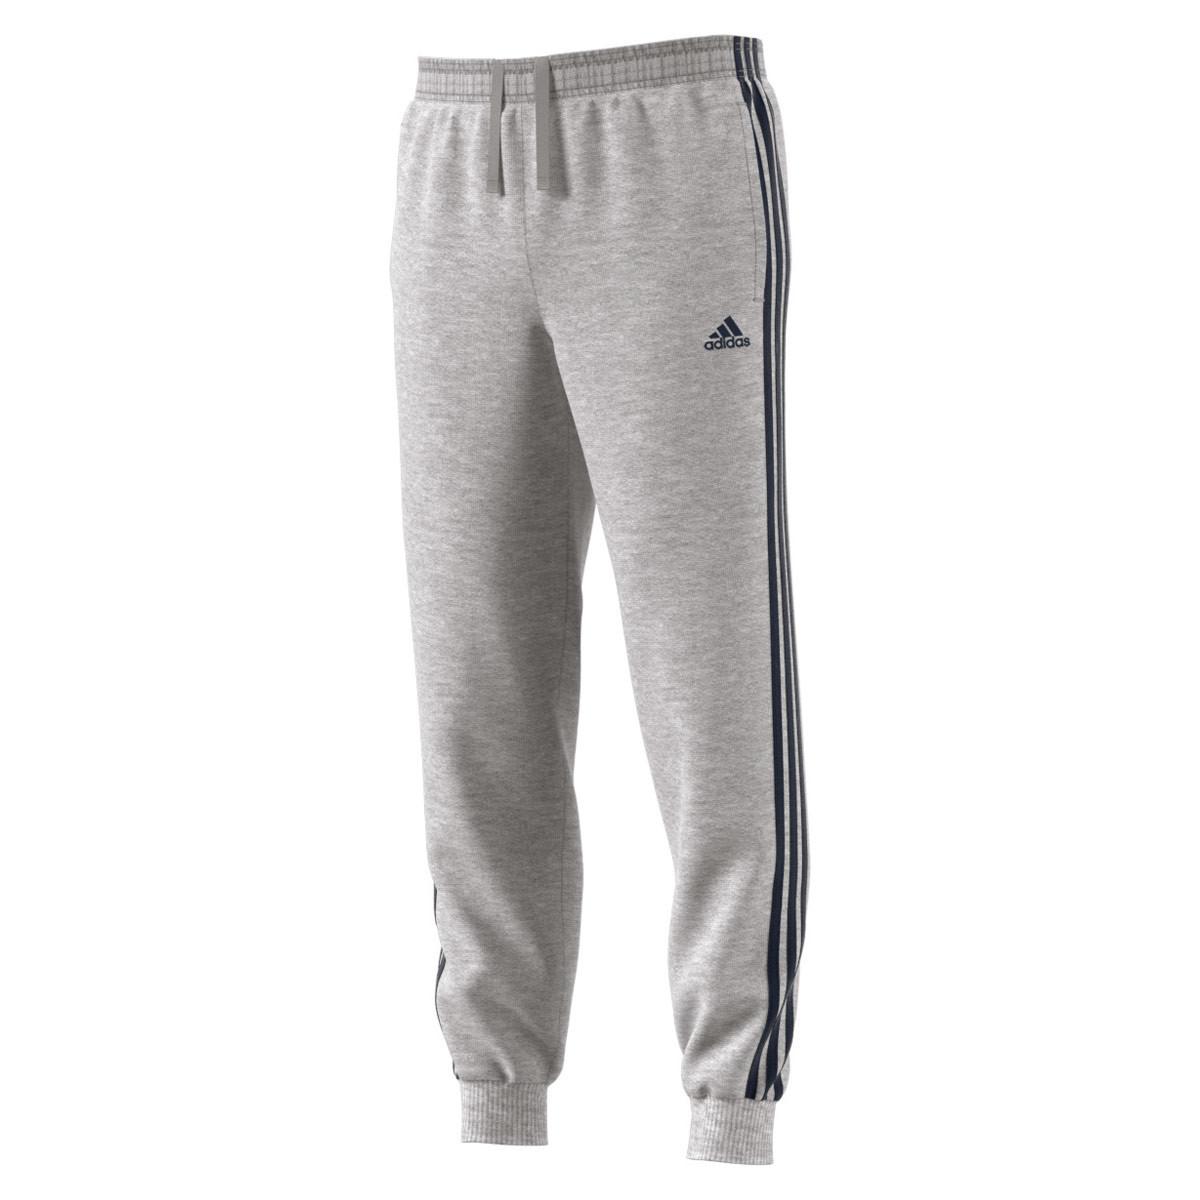 Stripes Adidas Pants Pantalons Essentials Jogger Course Pour 3 qHPBEAnxHw